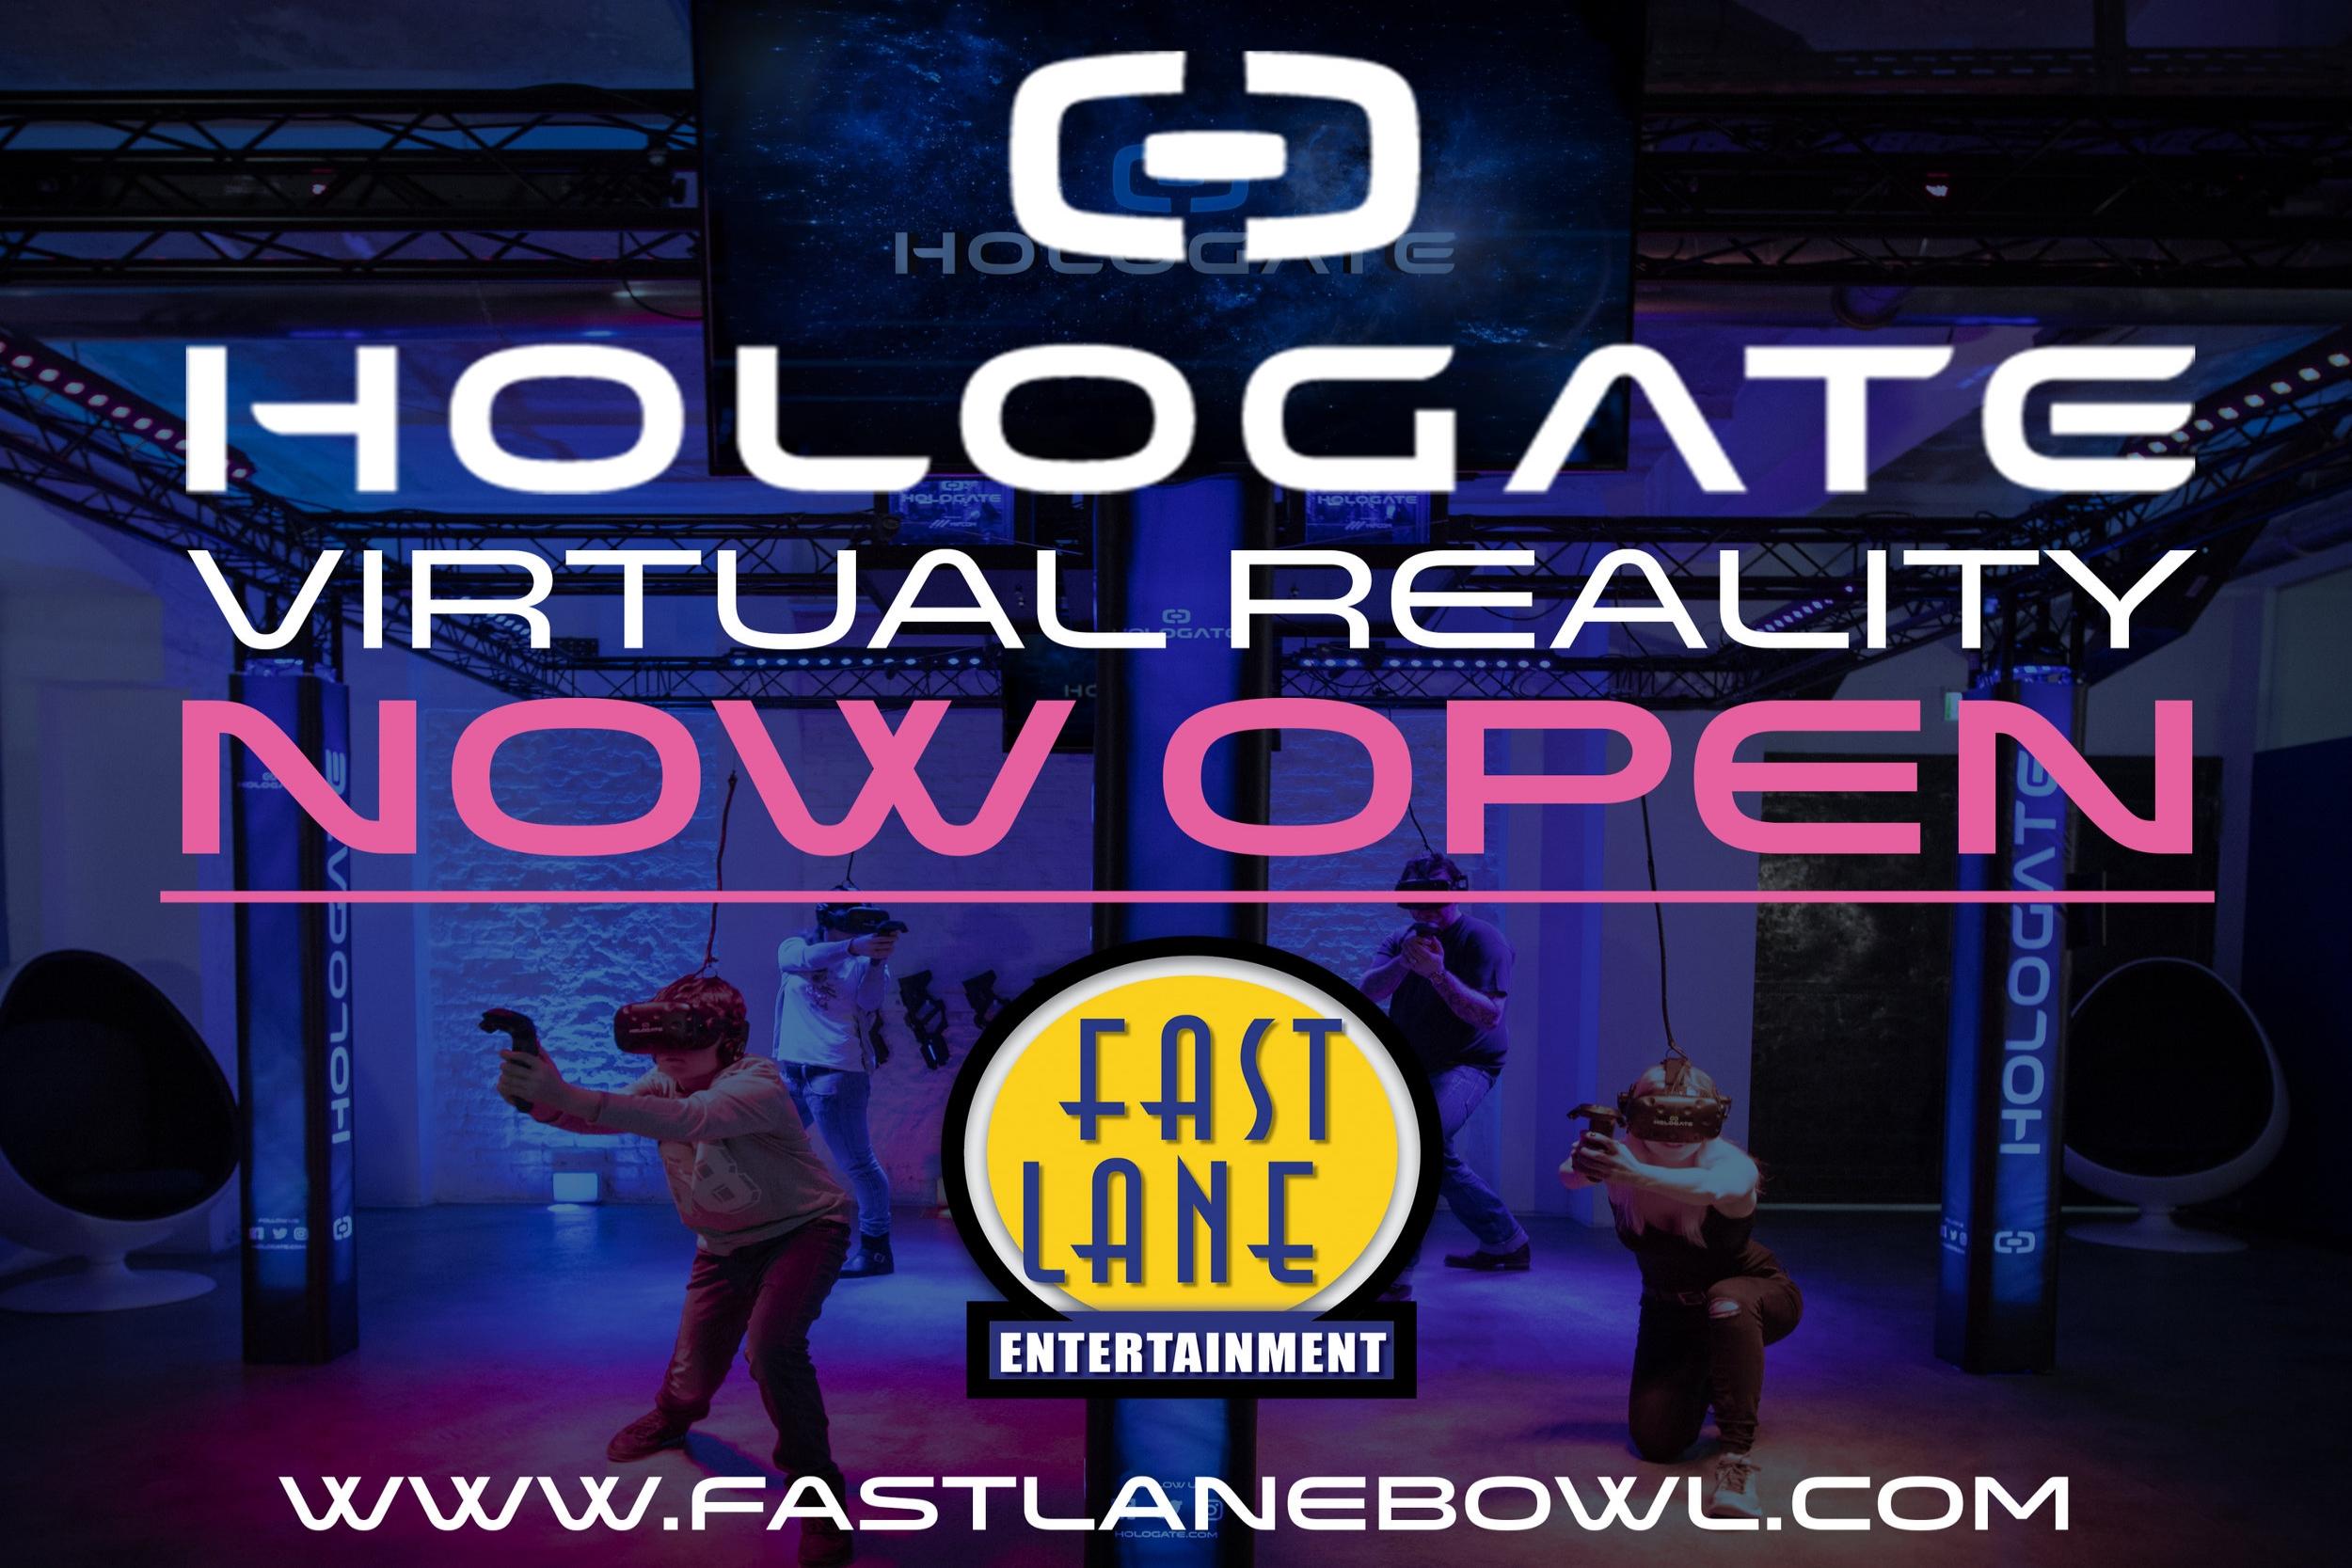 Hologate now open for tvs.jpg